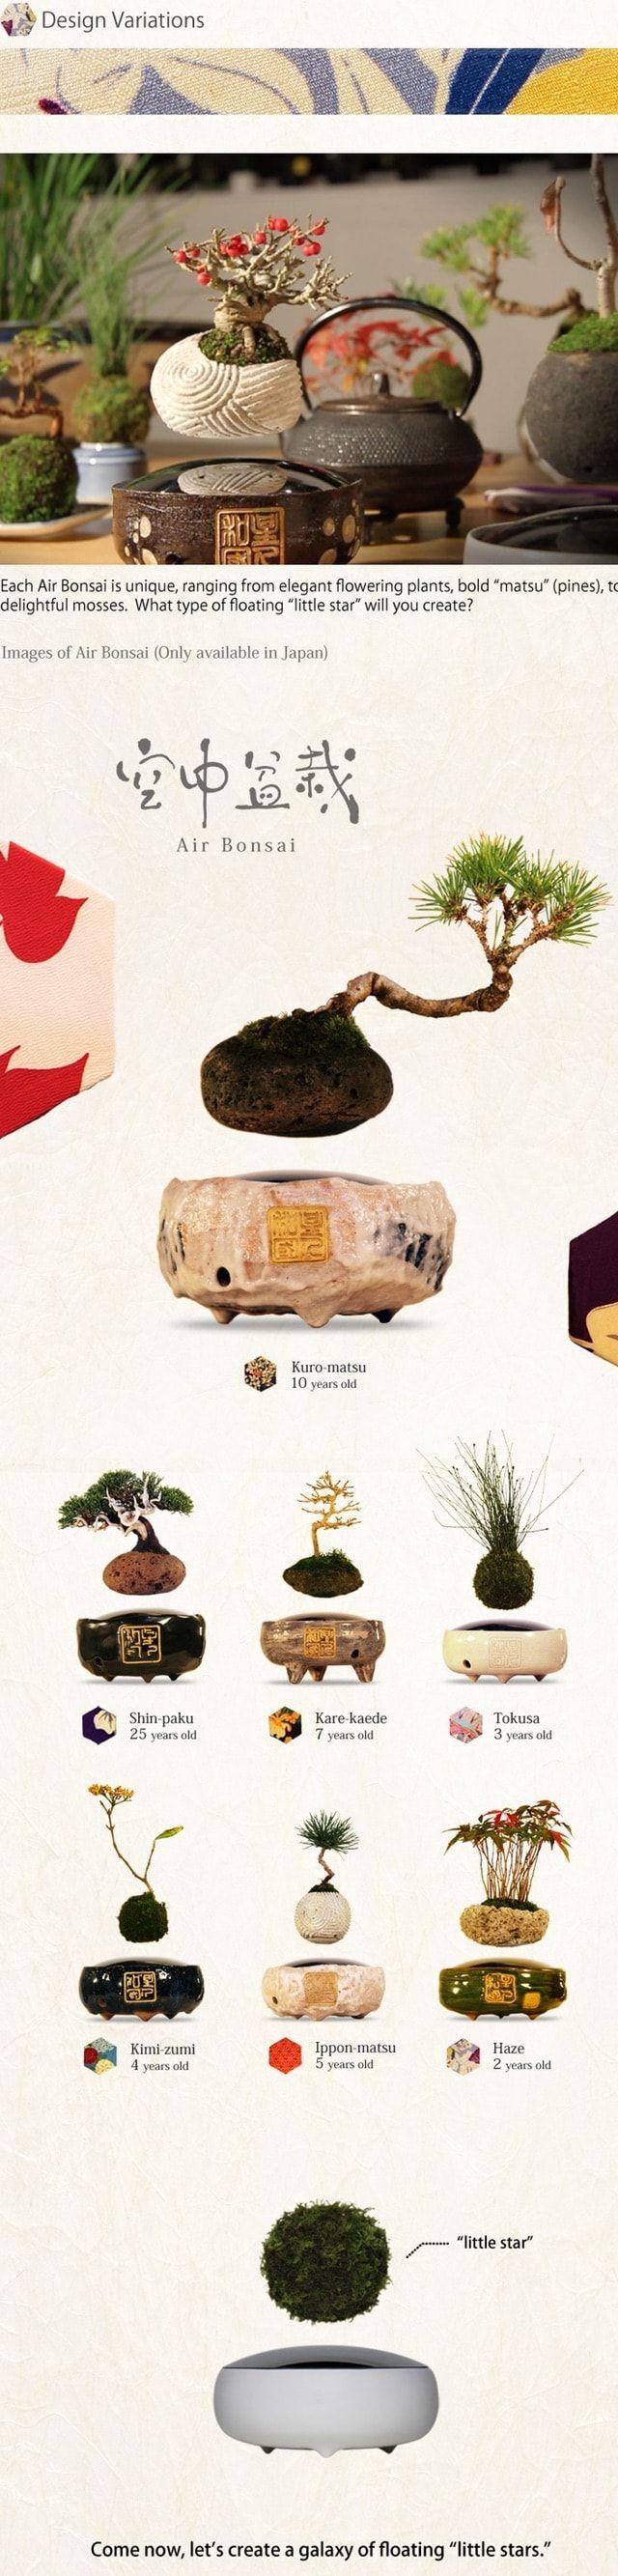 air bonsai kickstarter